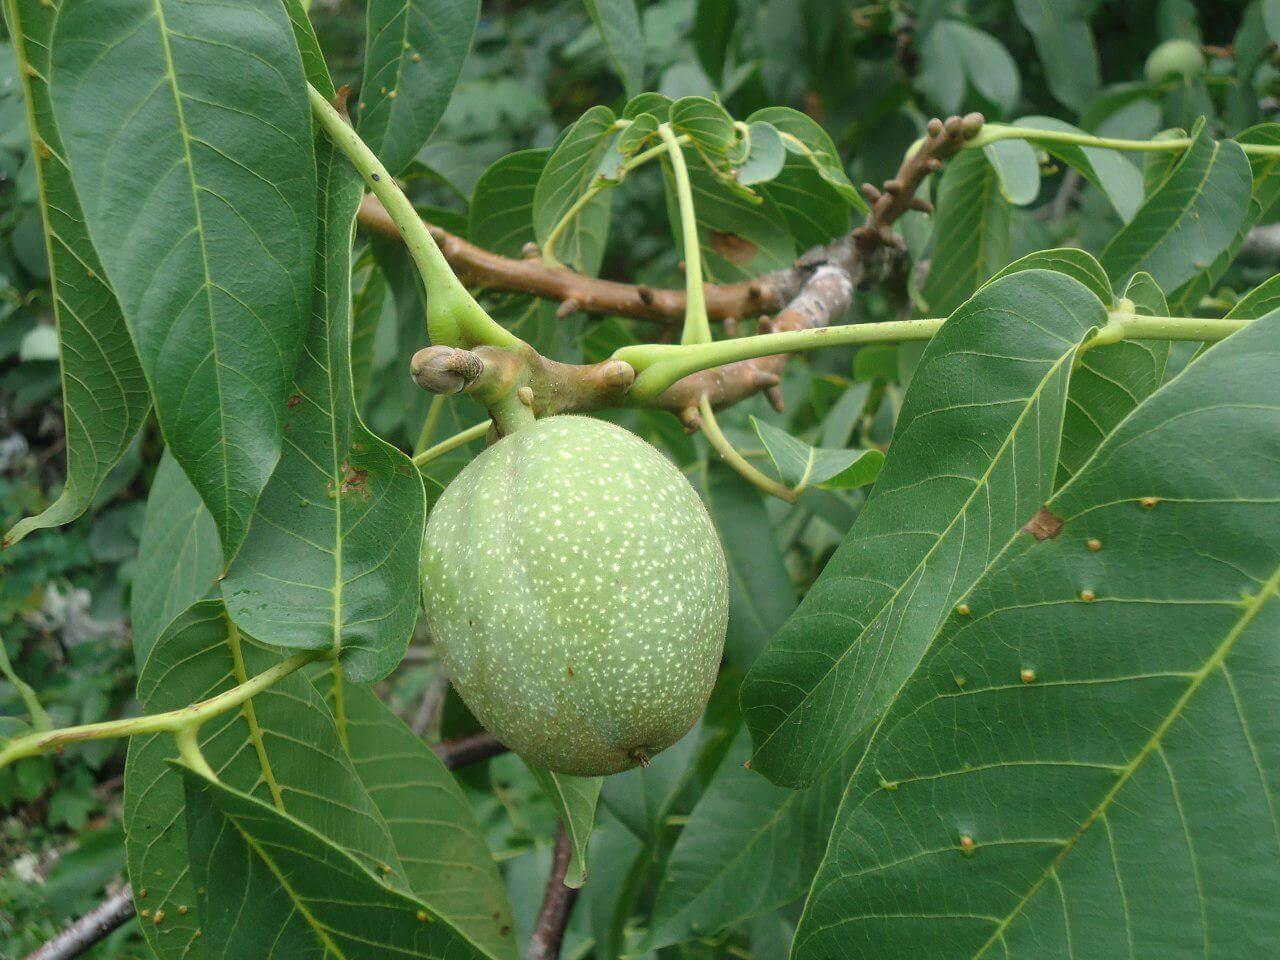 Обрезка грецкого ореха осенью: схема и порядок действий